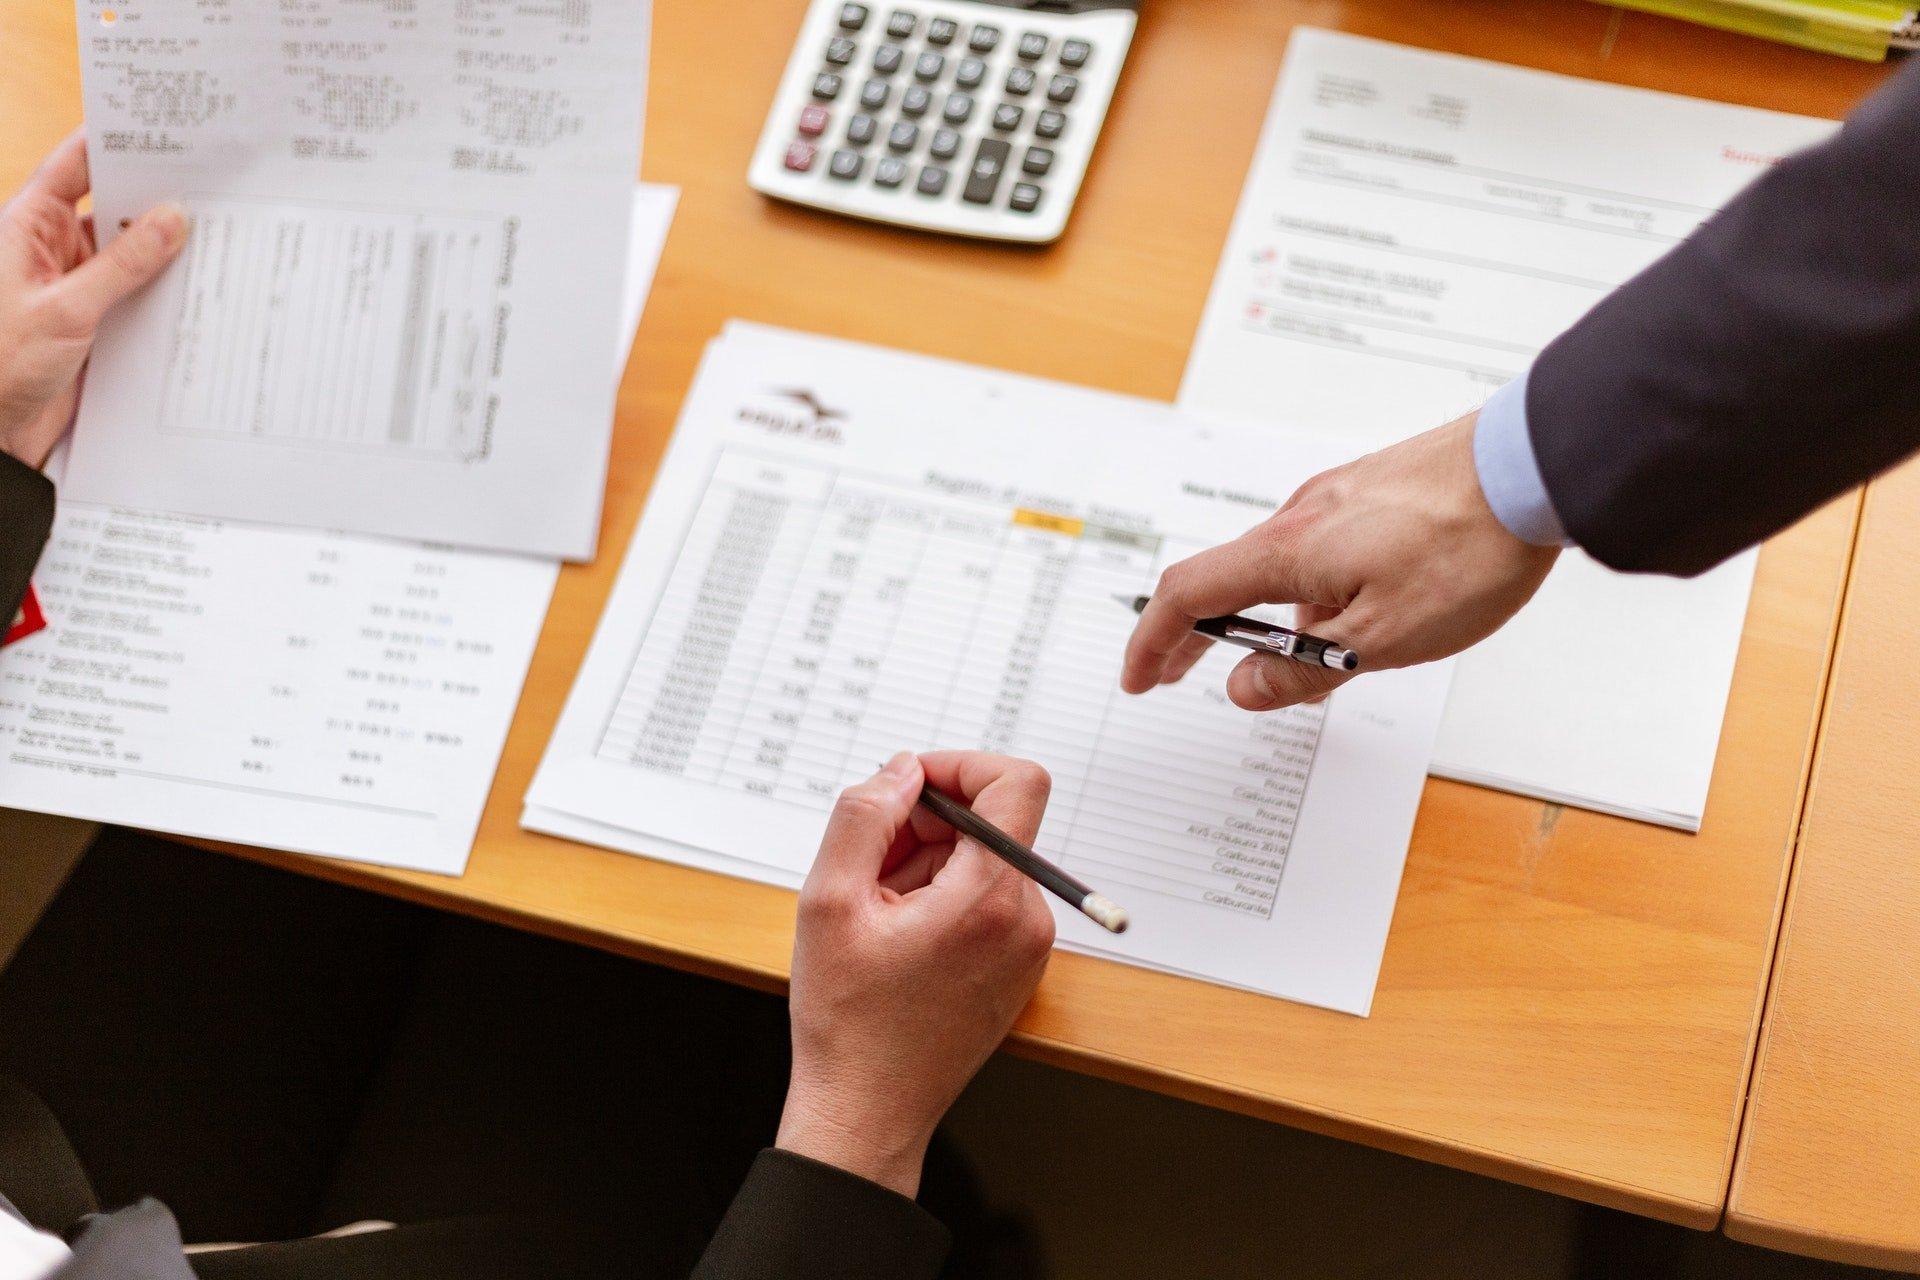 Seperti Inilah Contoh Business Intelligence yang Bisa Anda Terapkan Untuk Bisnis Anda